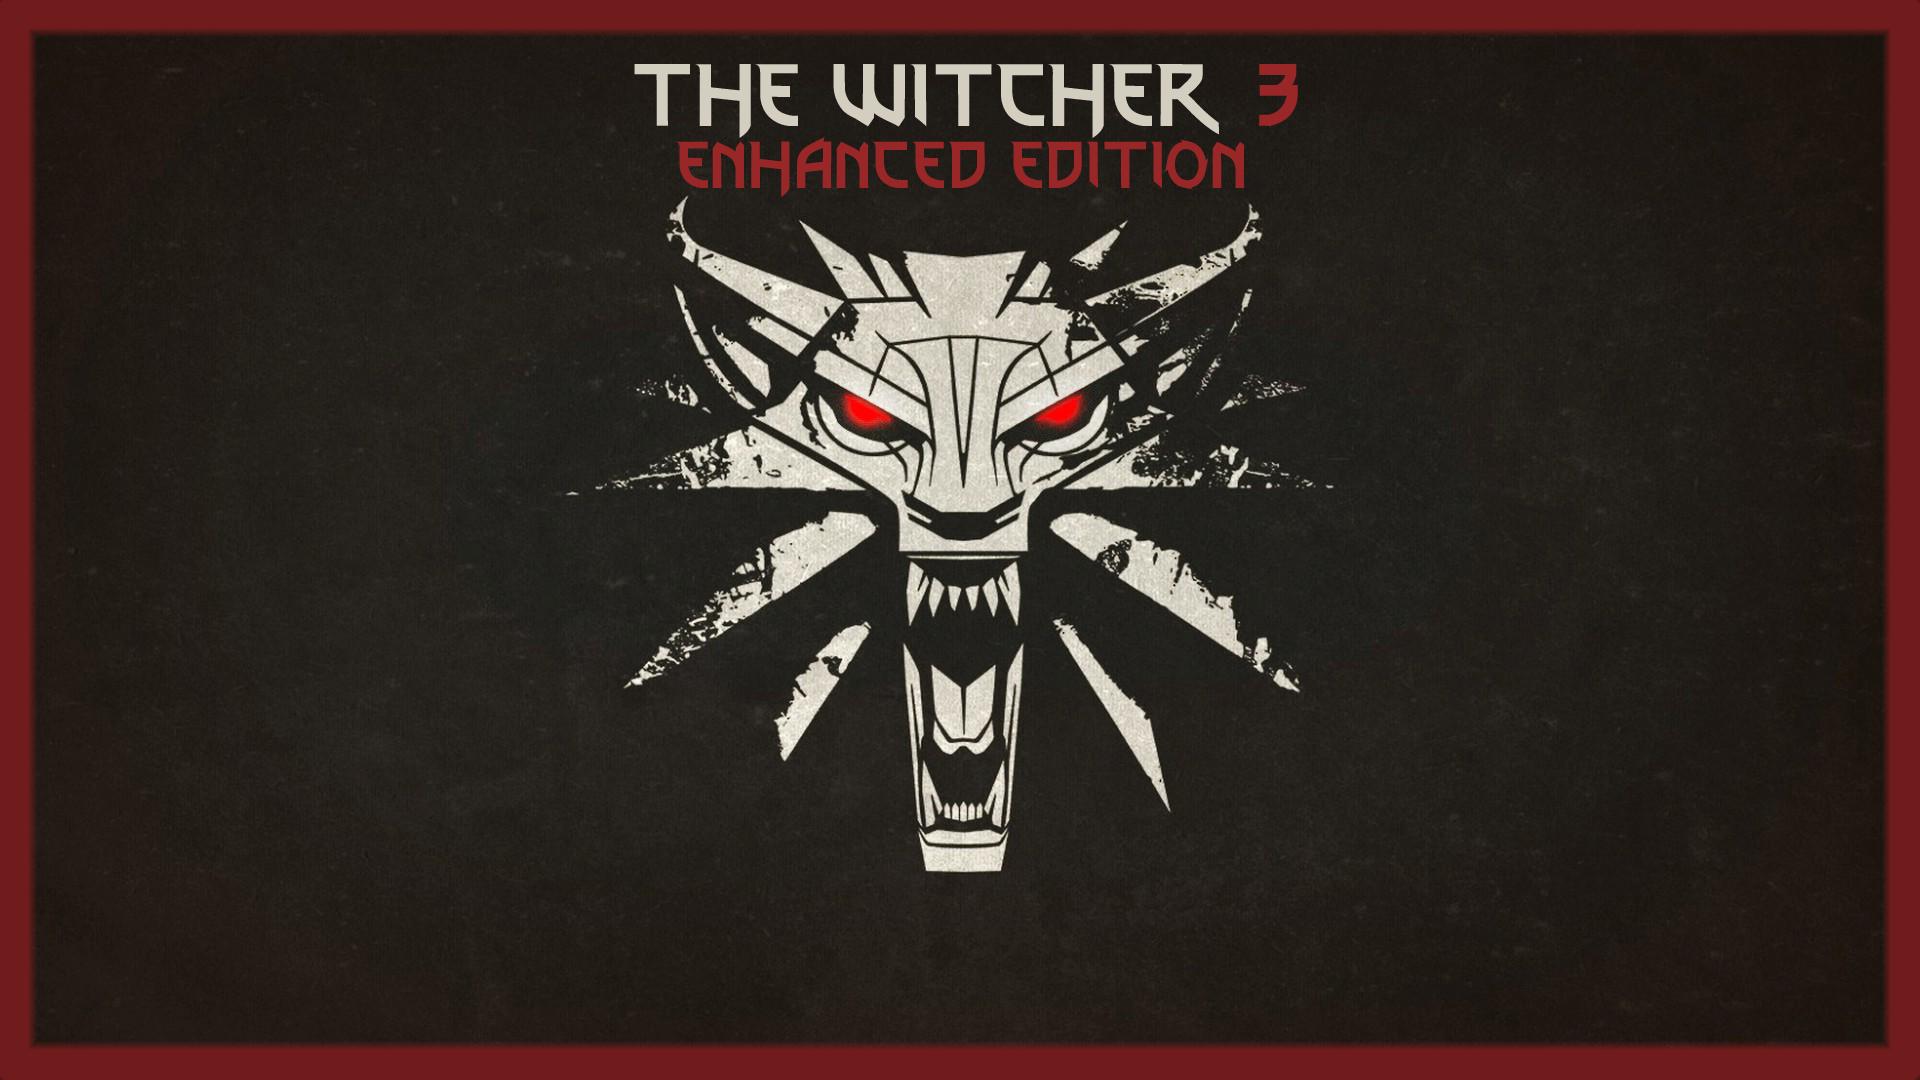 Вышла новая версия мода The Witcher 3 Enhanced Edition